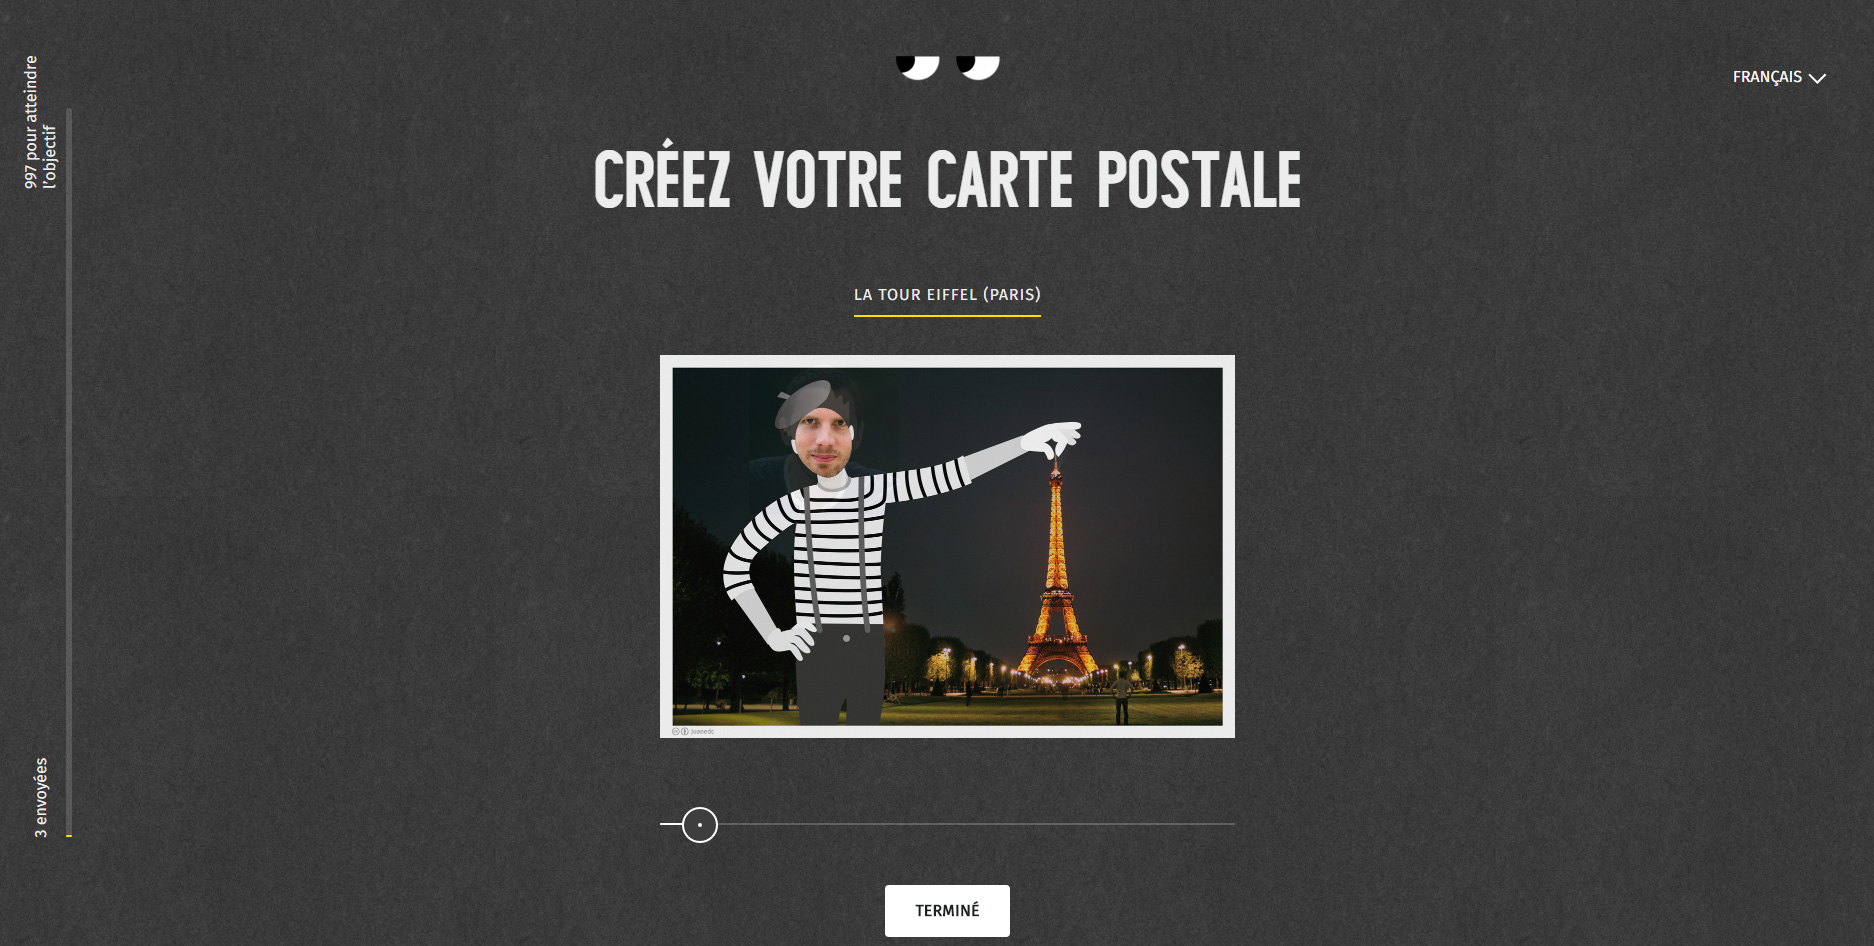 carte-postale1